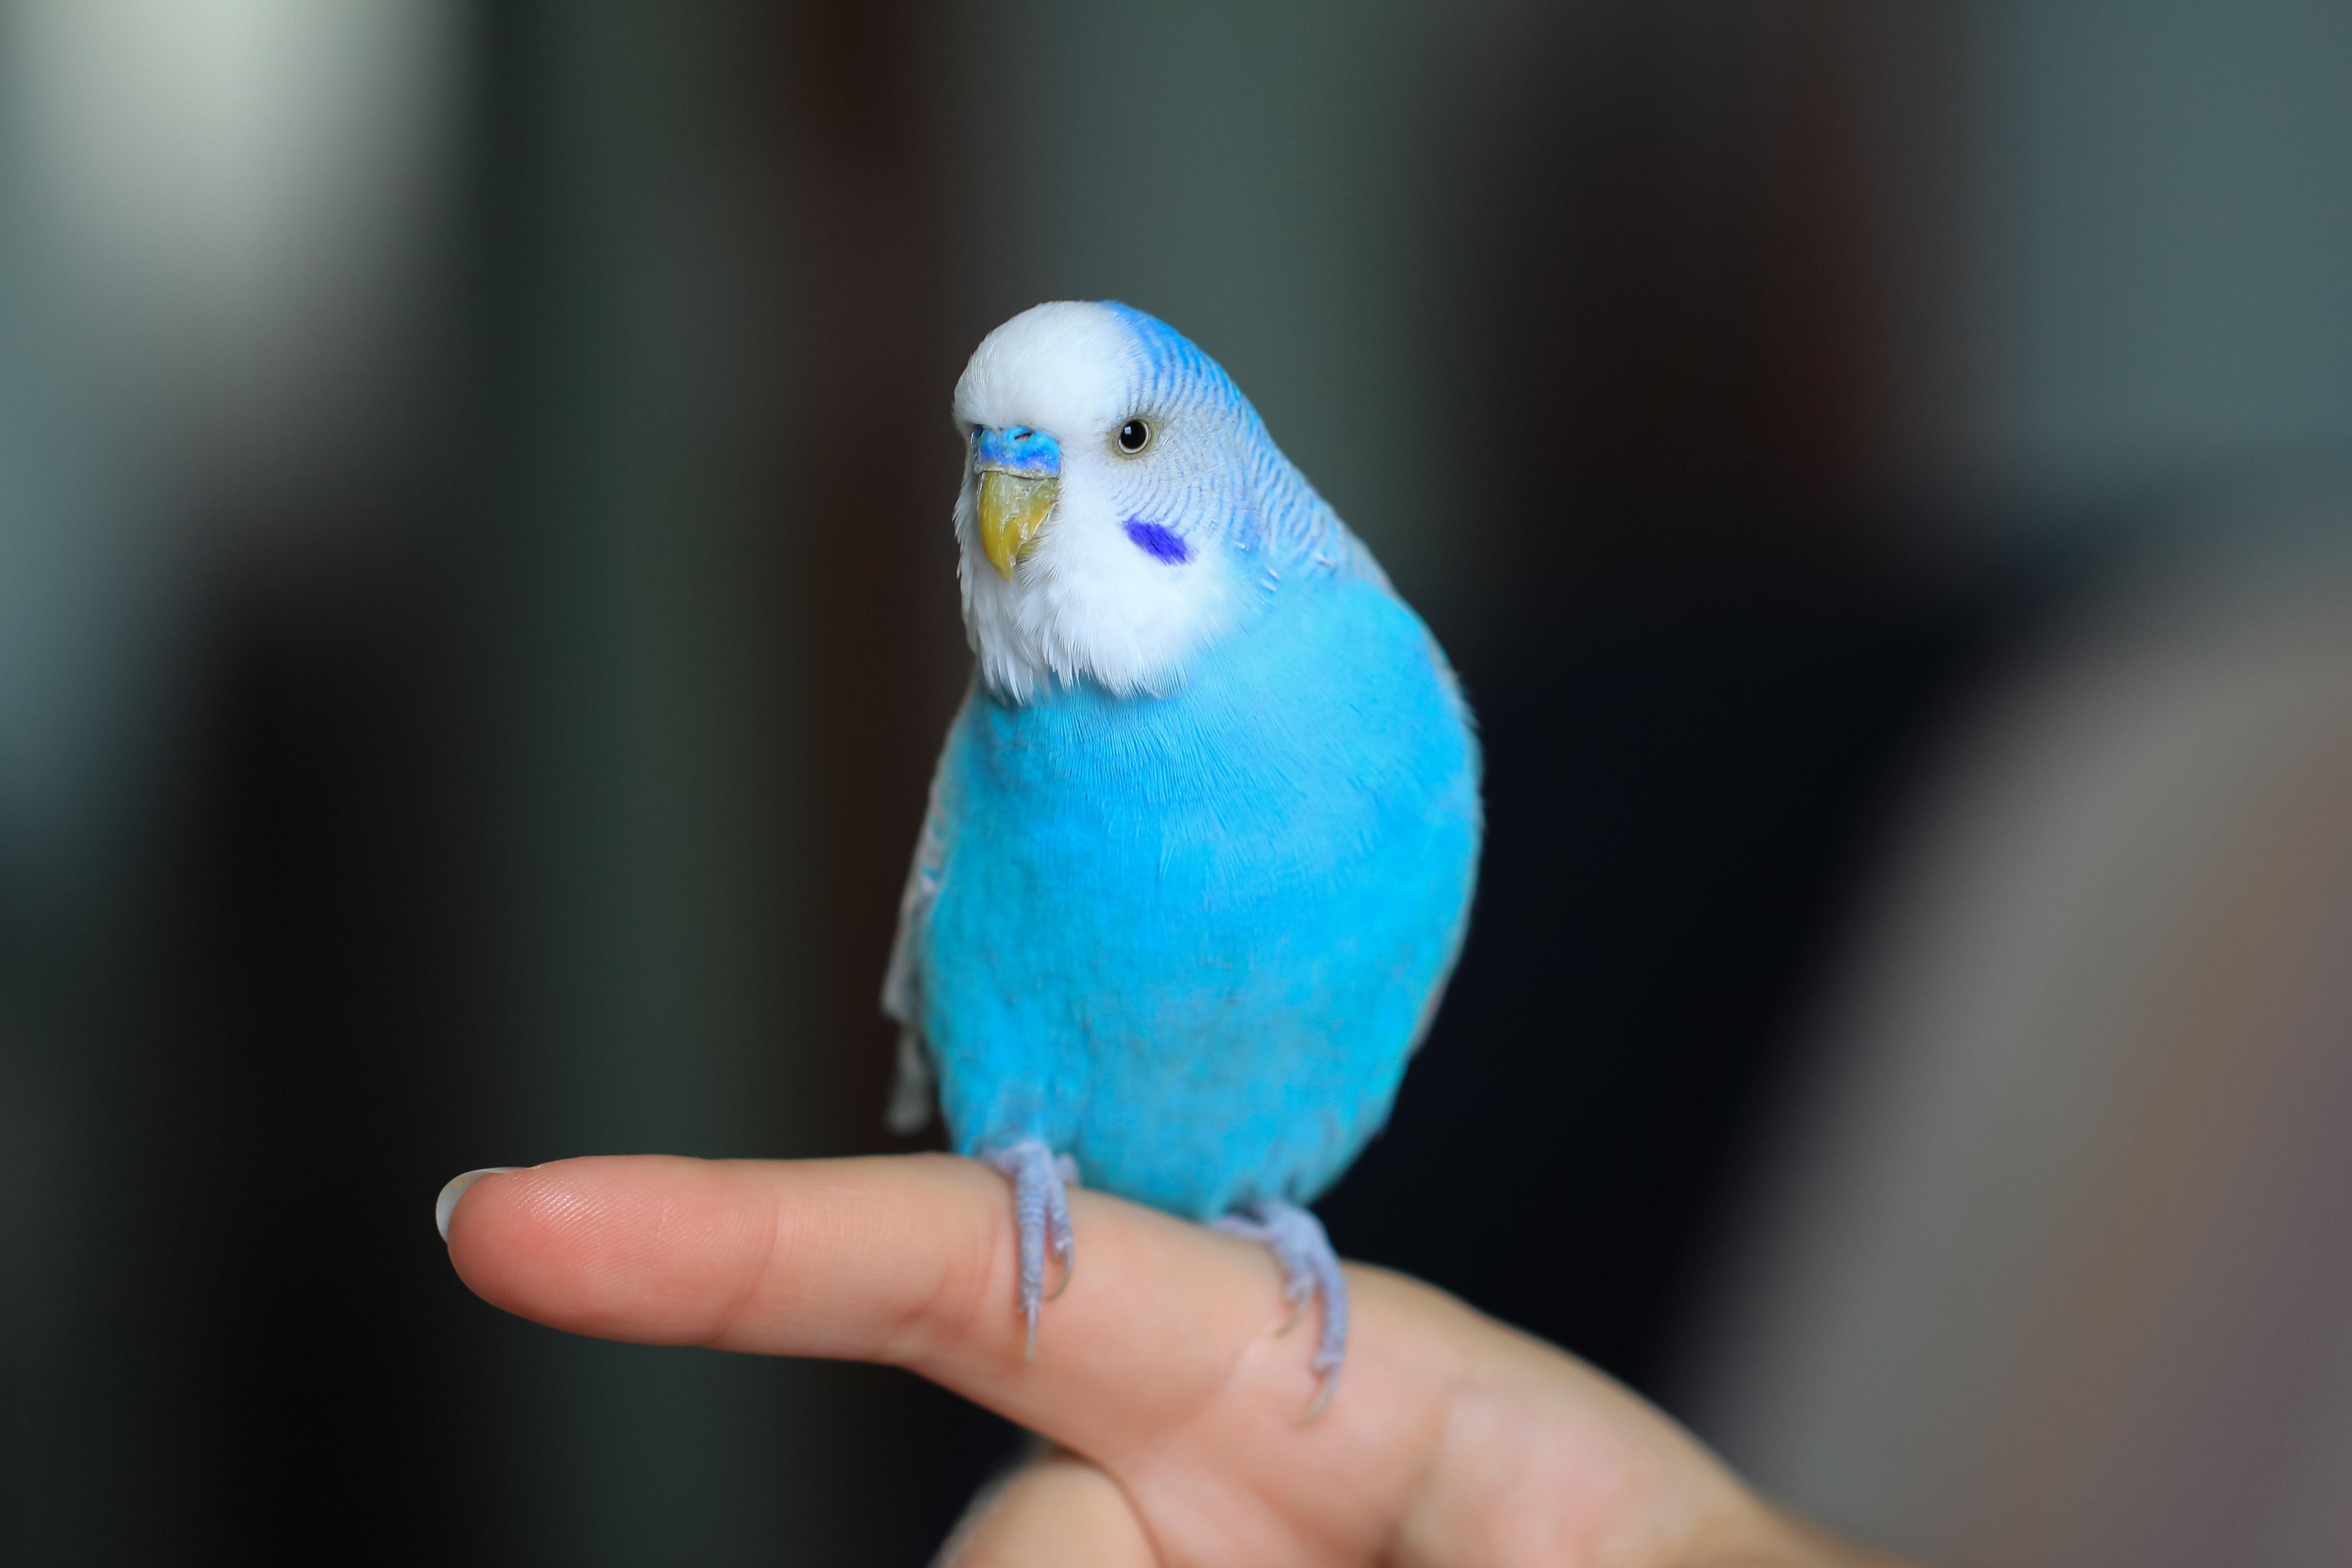 Papegojsjukan orsakas av en bakterie och sjukdomen är en zoonos, den kan alltså smitta mellan djur och människor.